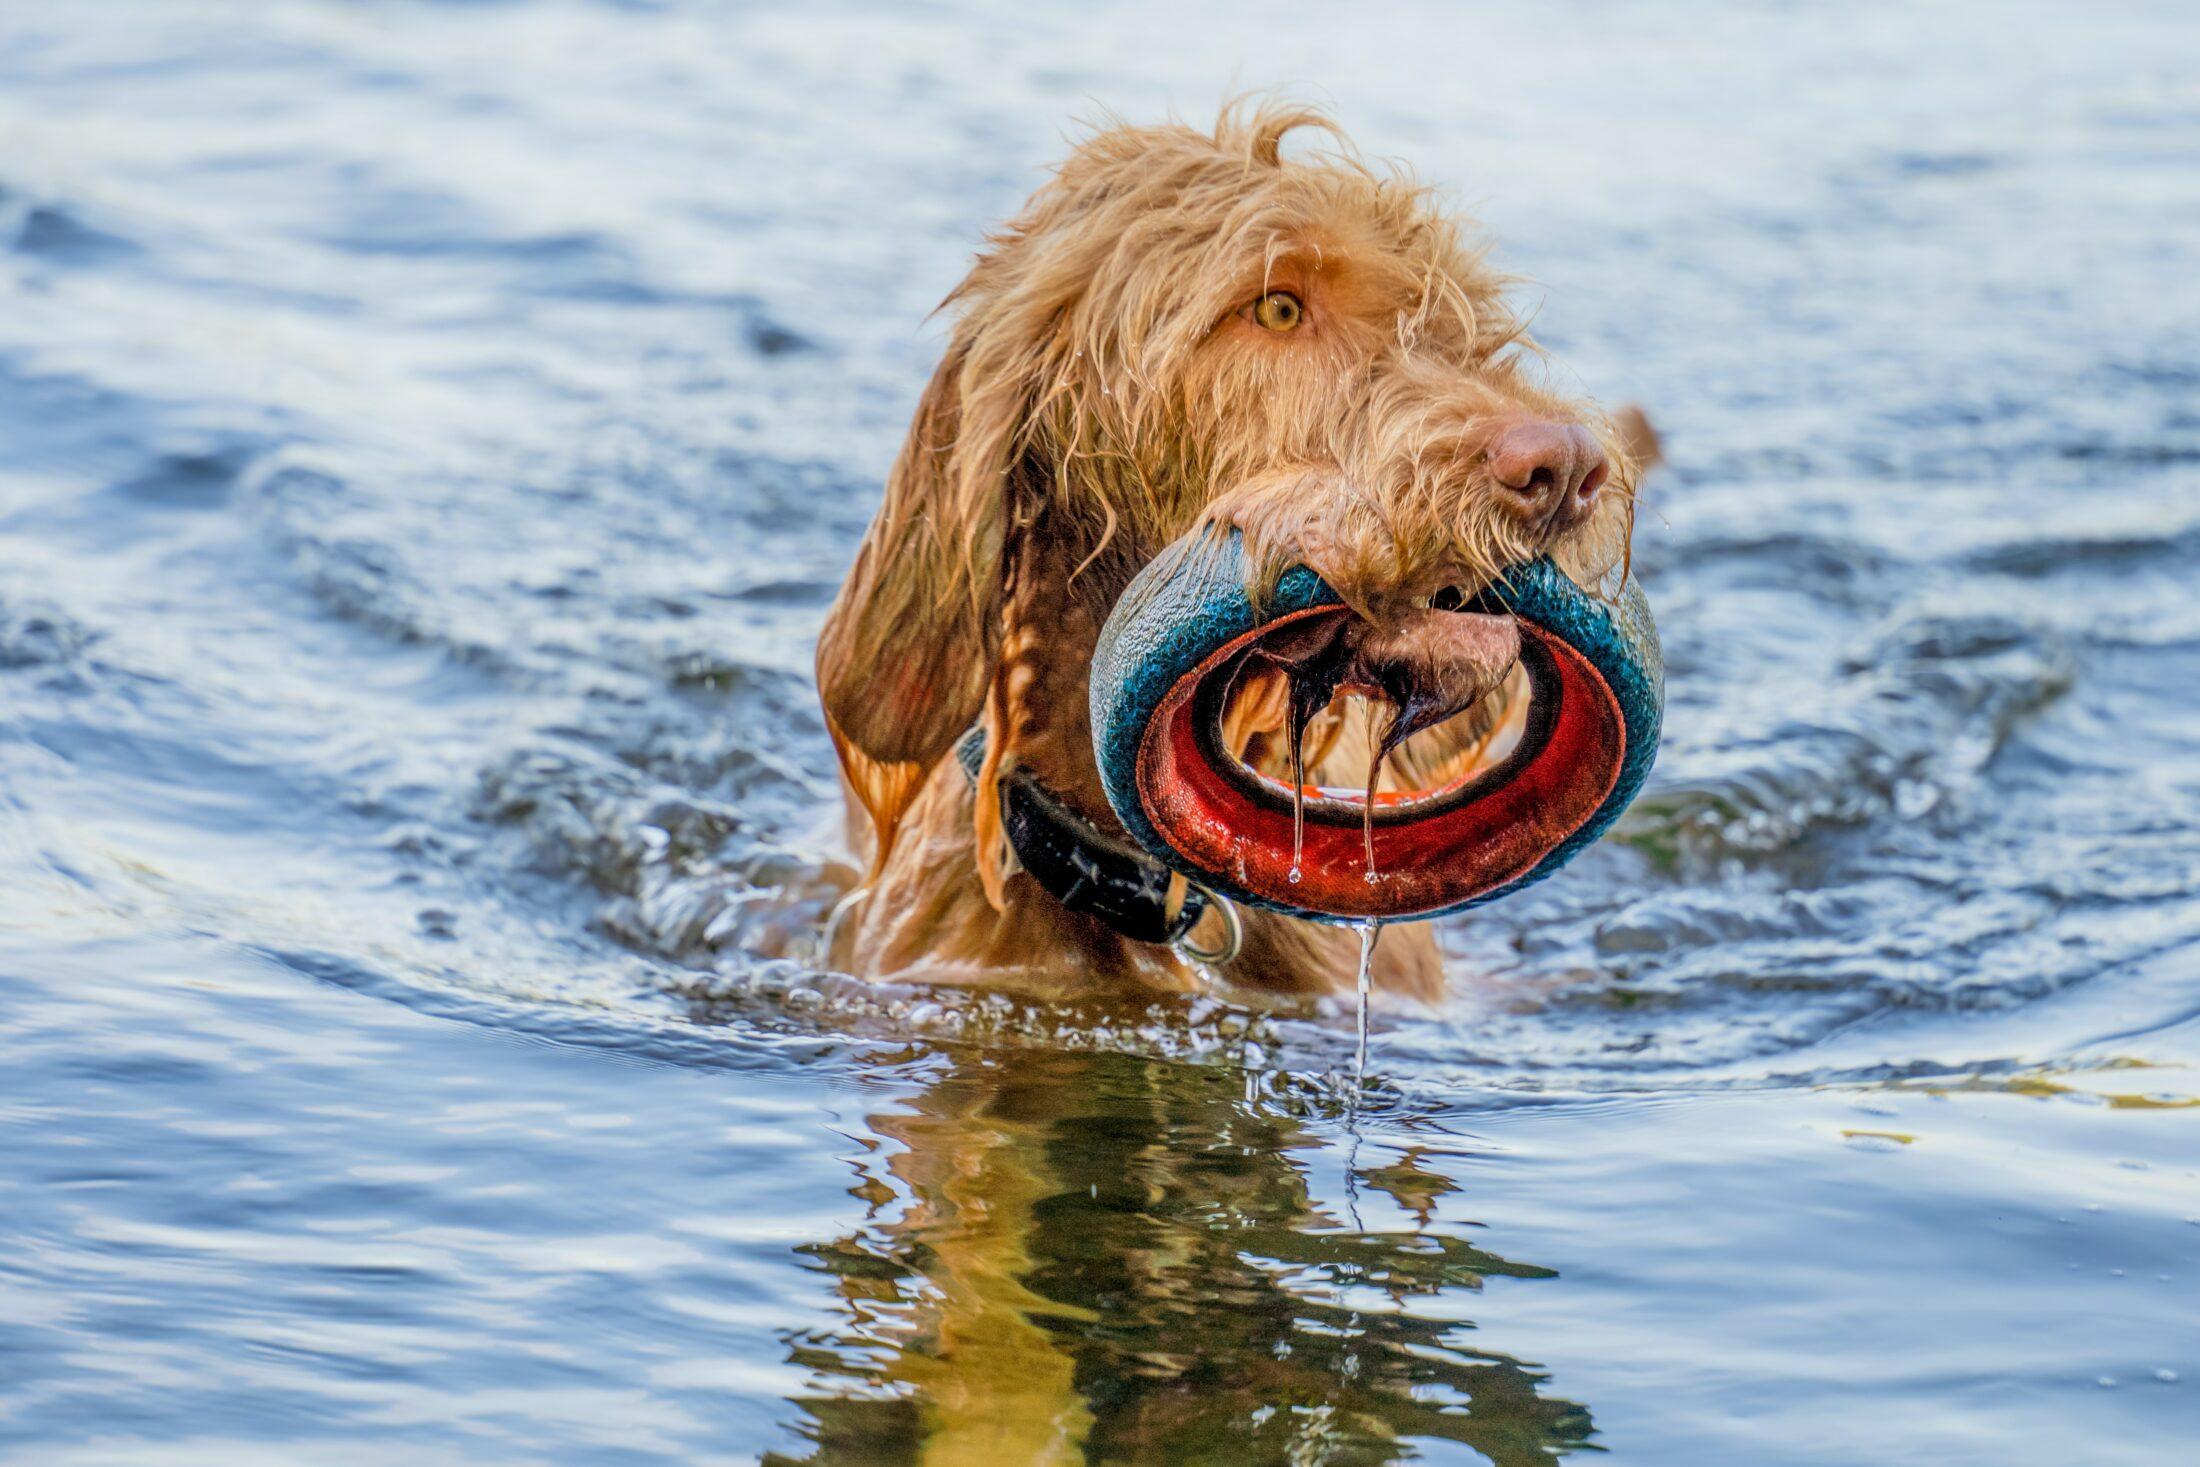 Cachorros podem nadar se forem acostumados aos poucos.